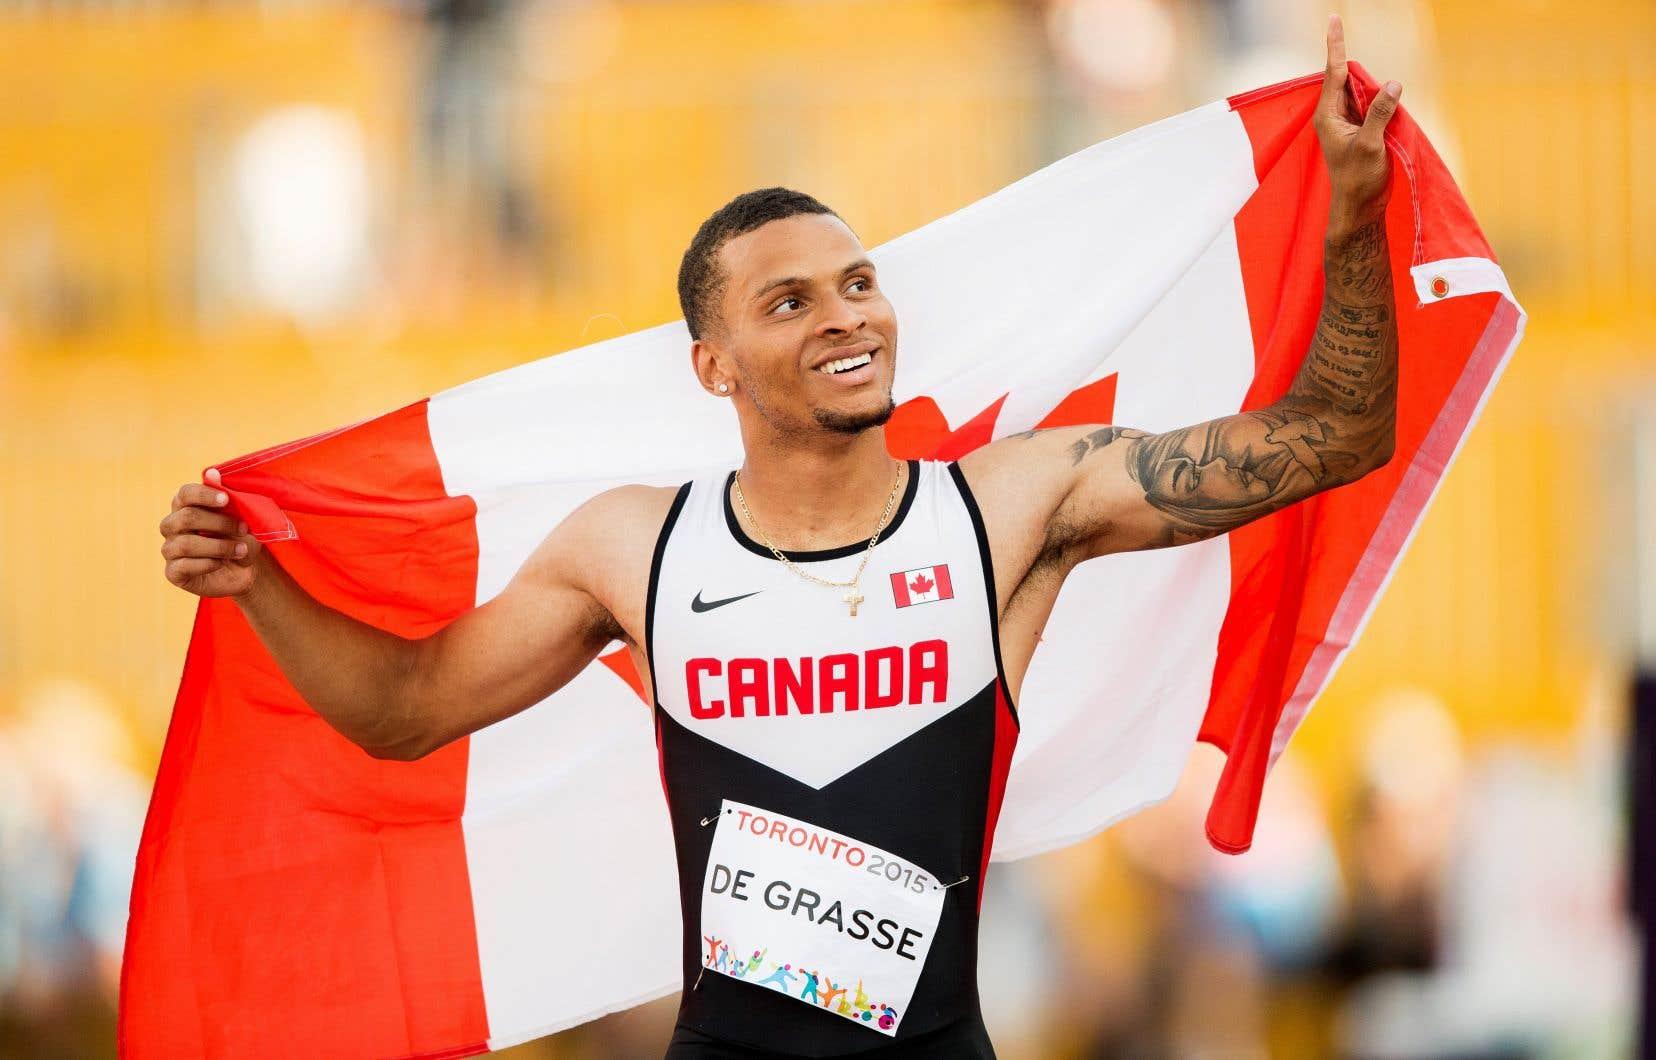 Le sprinter étoile Andre De Grasse aux Jeux panaméricains de 2015, à Toronto